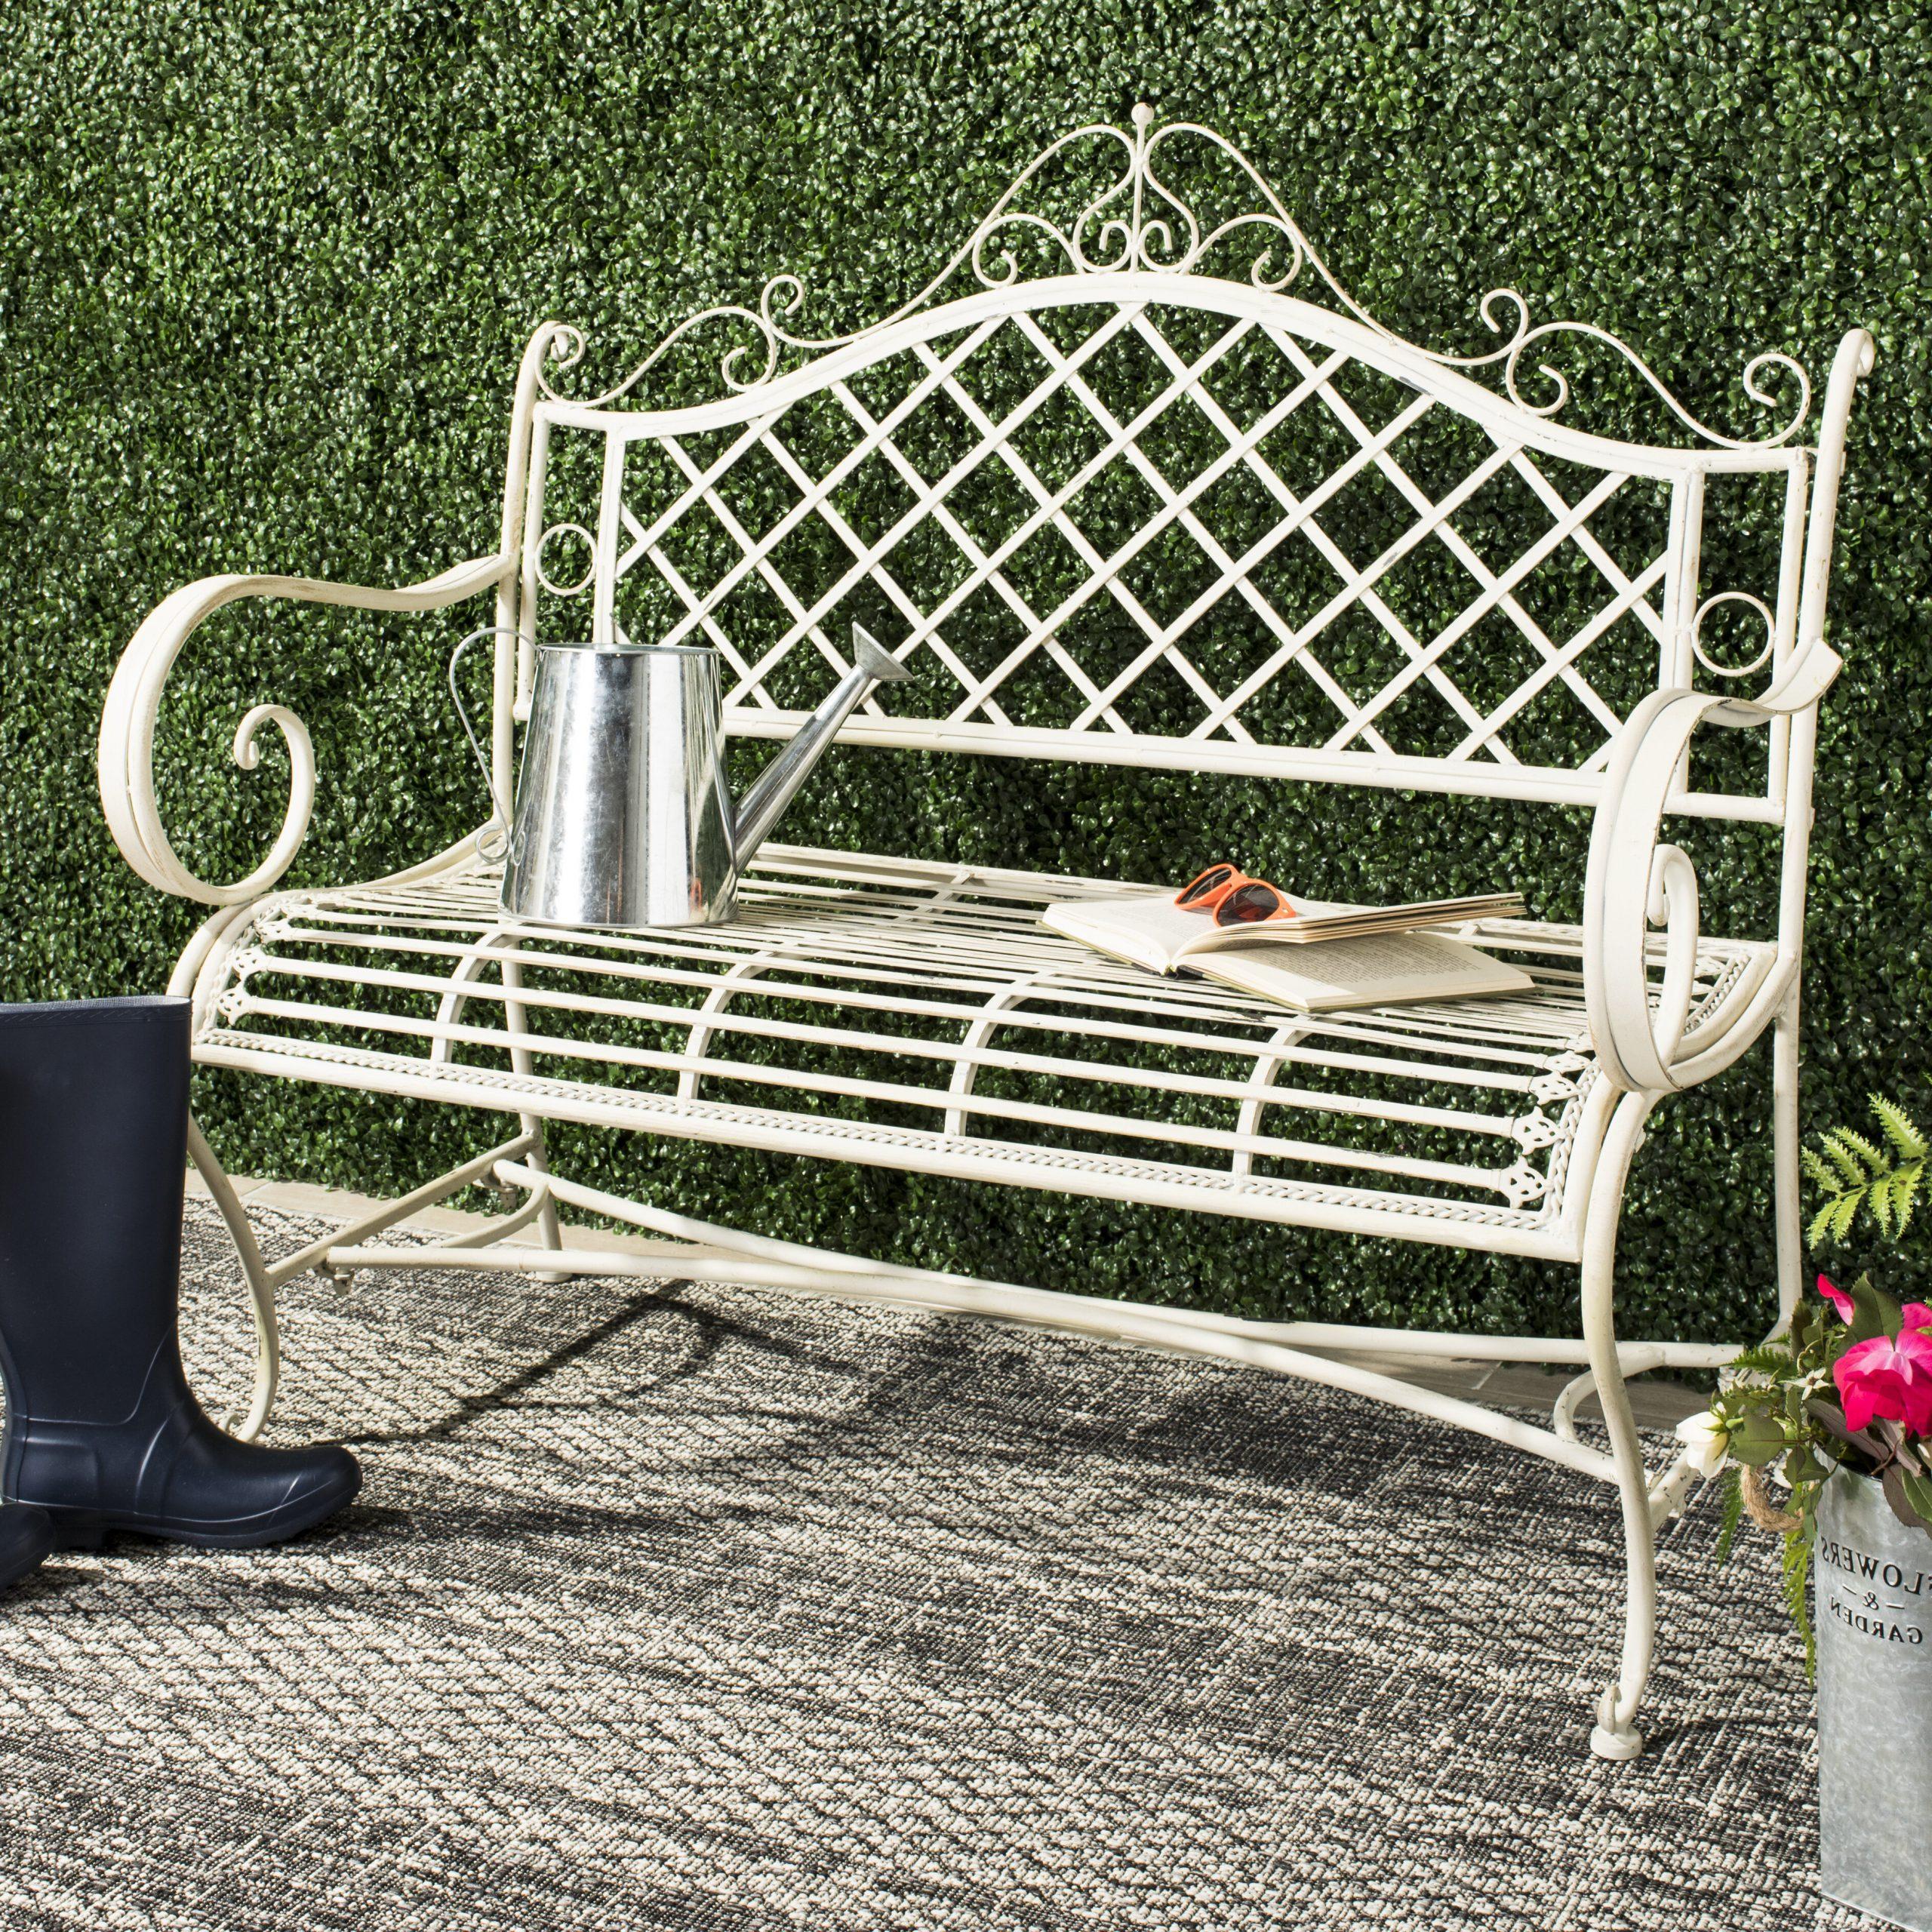 Gabbert Wooden Garden Benches For Best And Newest Hornellsville Wrought Iron Garden Bench (View 17 of 30)